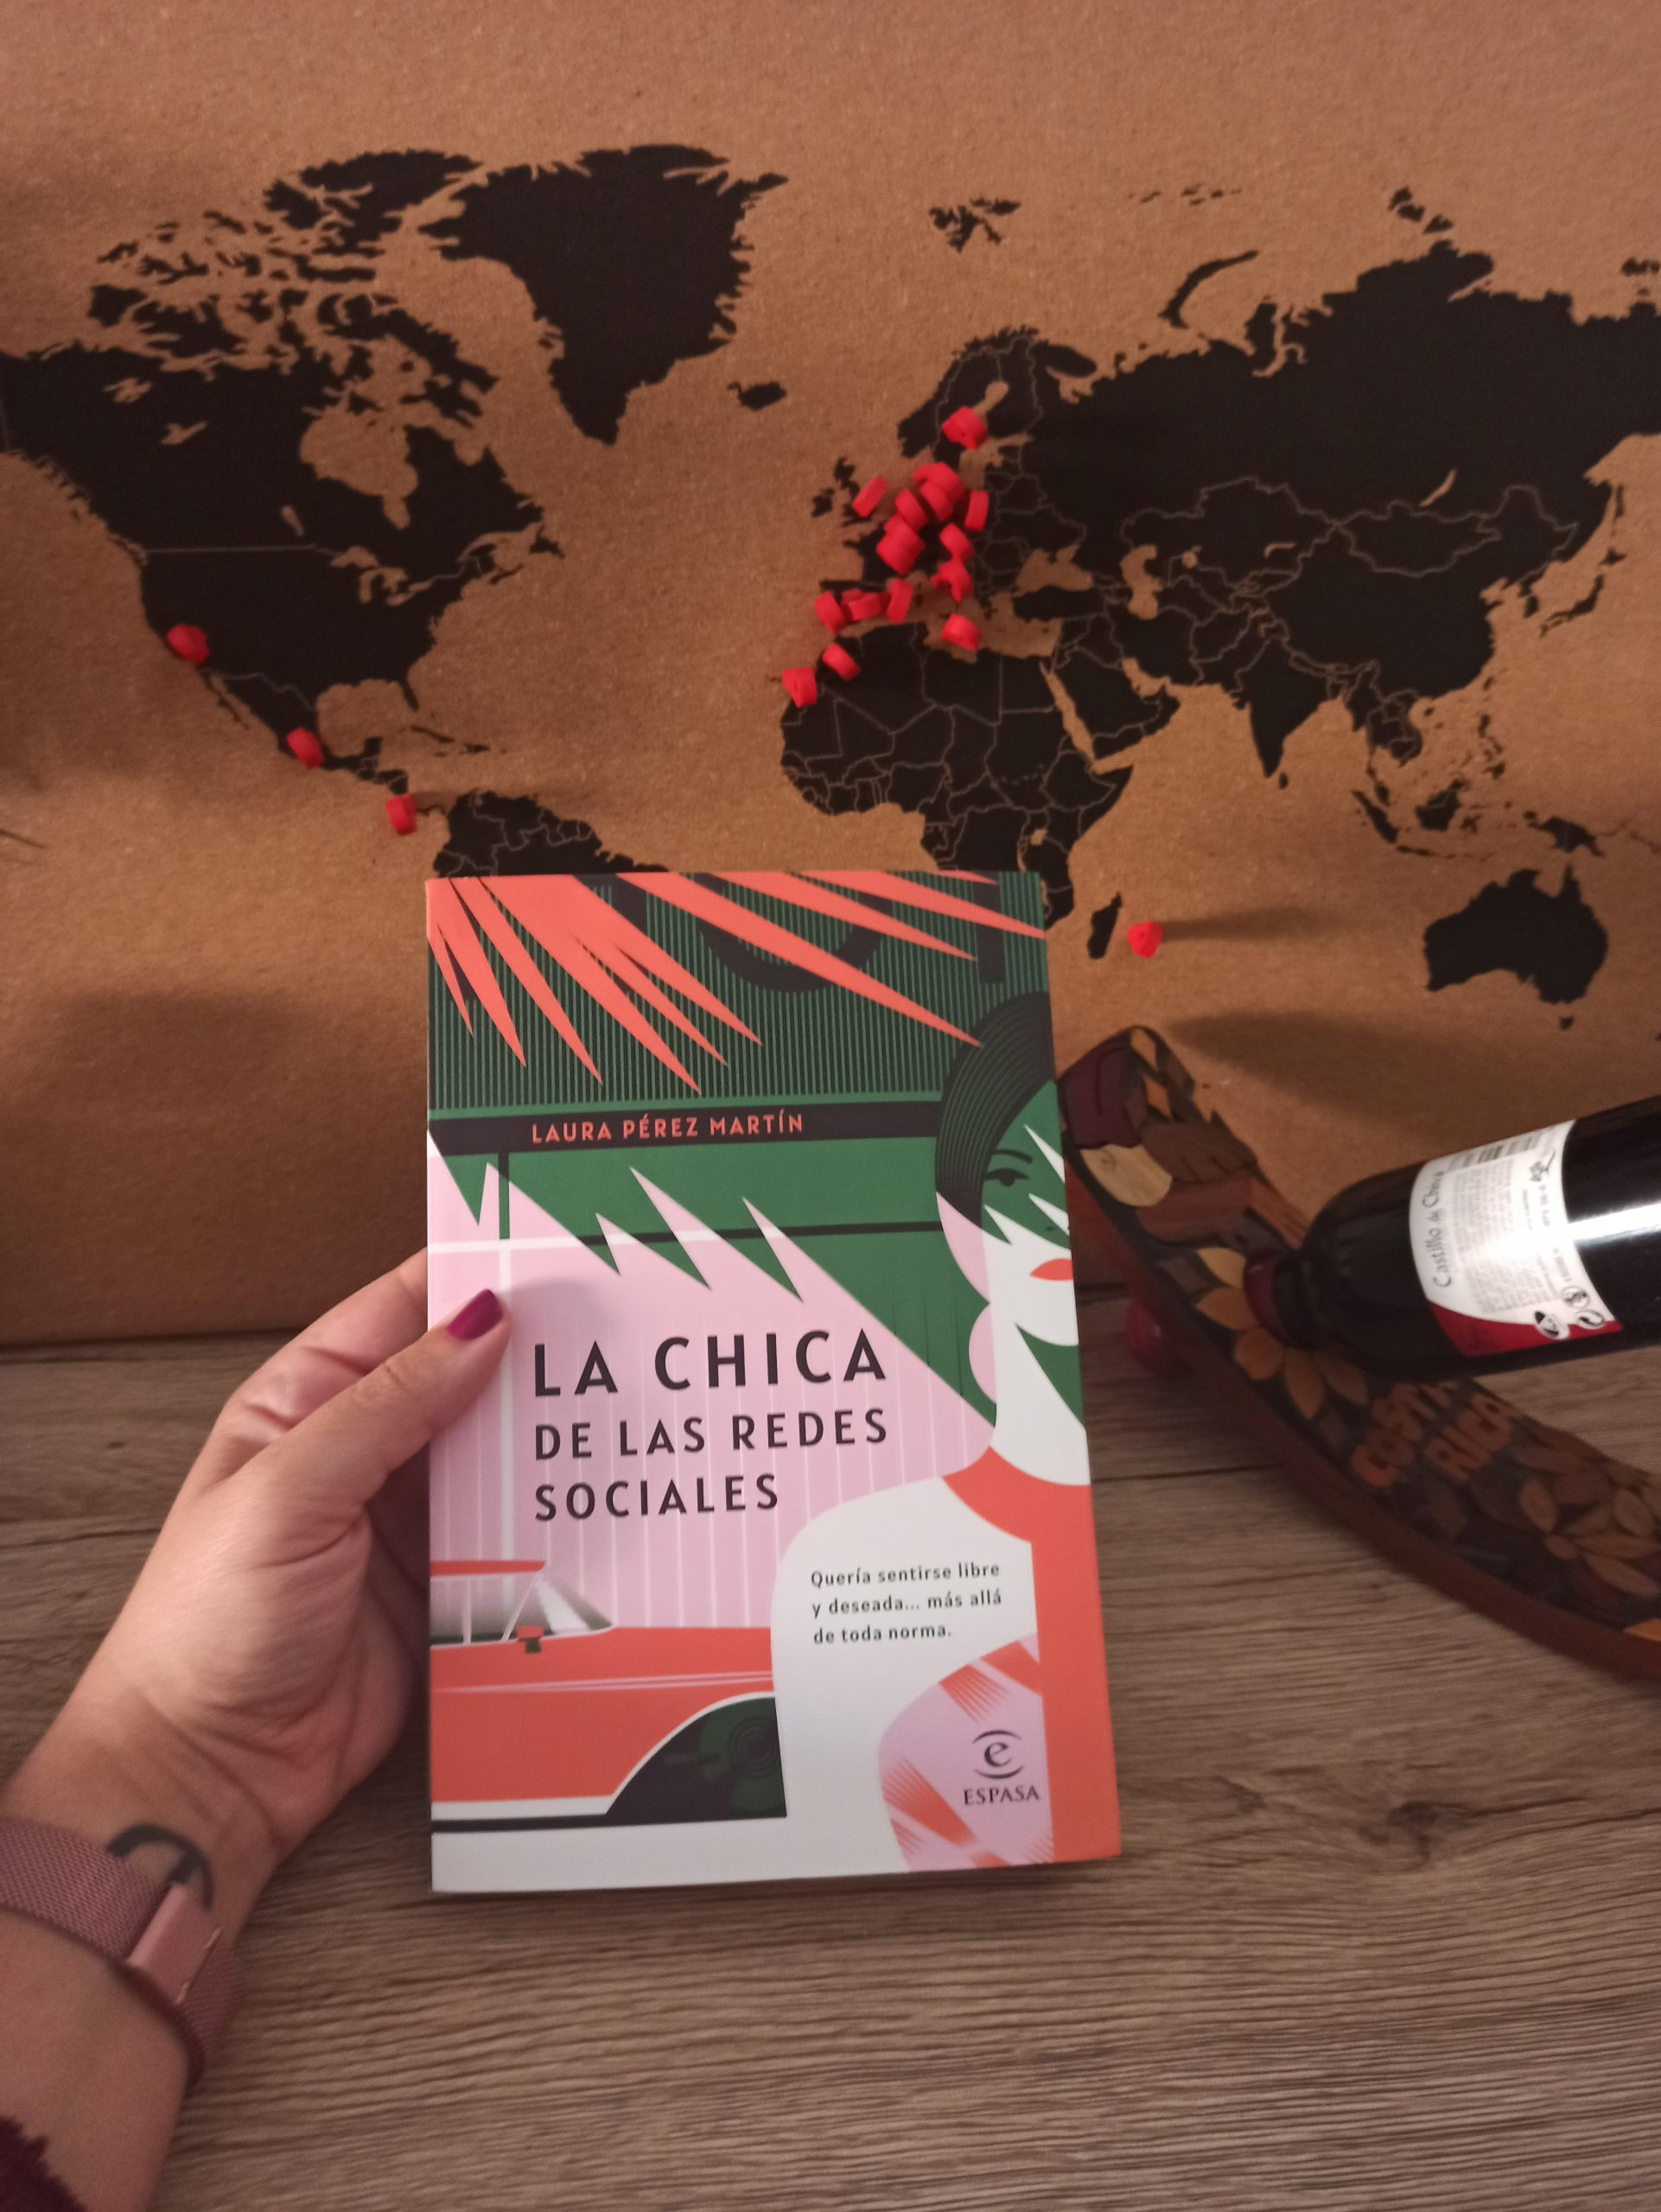 LA CHICA DE LAS REDES SOCIALES, de Laura Pérez Martín.